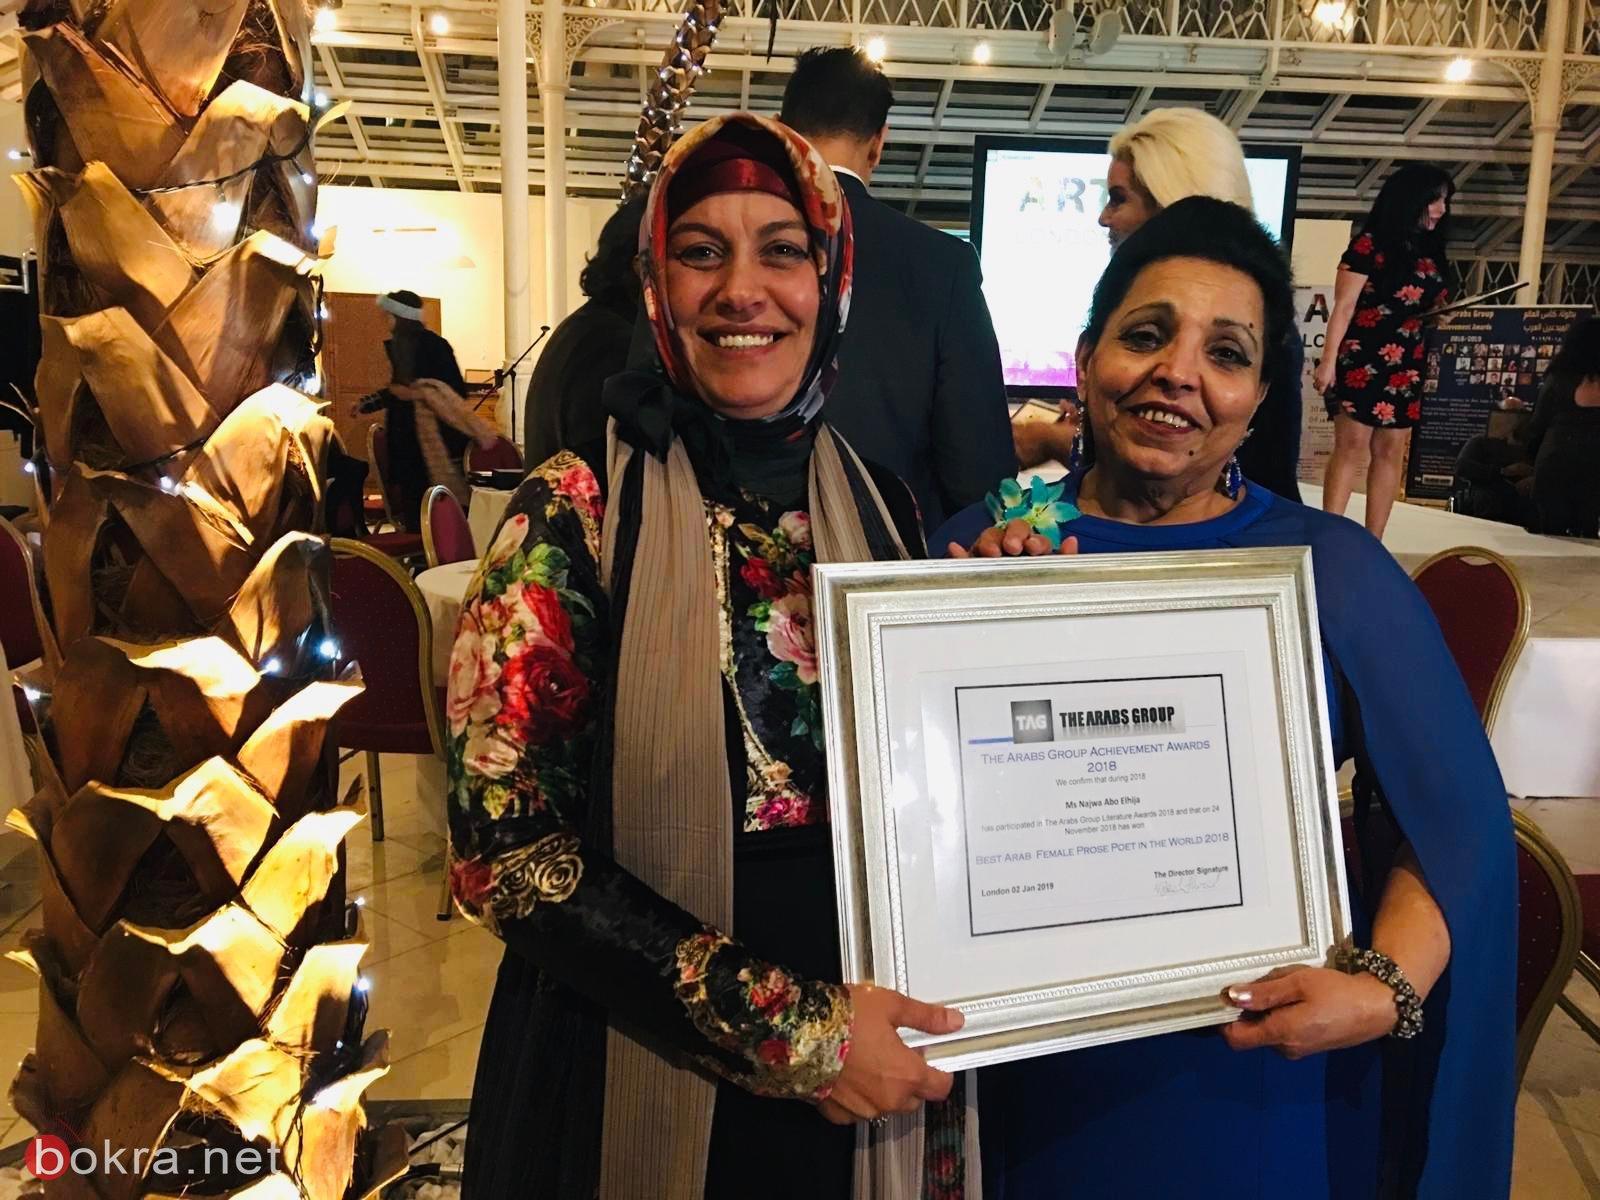 نجوى مآب أبو الهيجاء من كوكب تُتوج بجائزة أفضل شاعرة في العالم